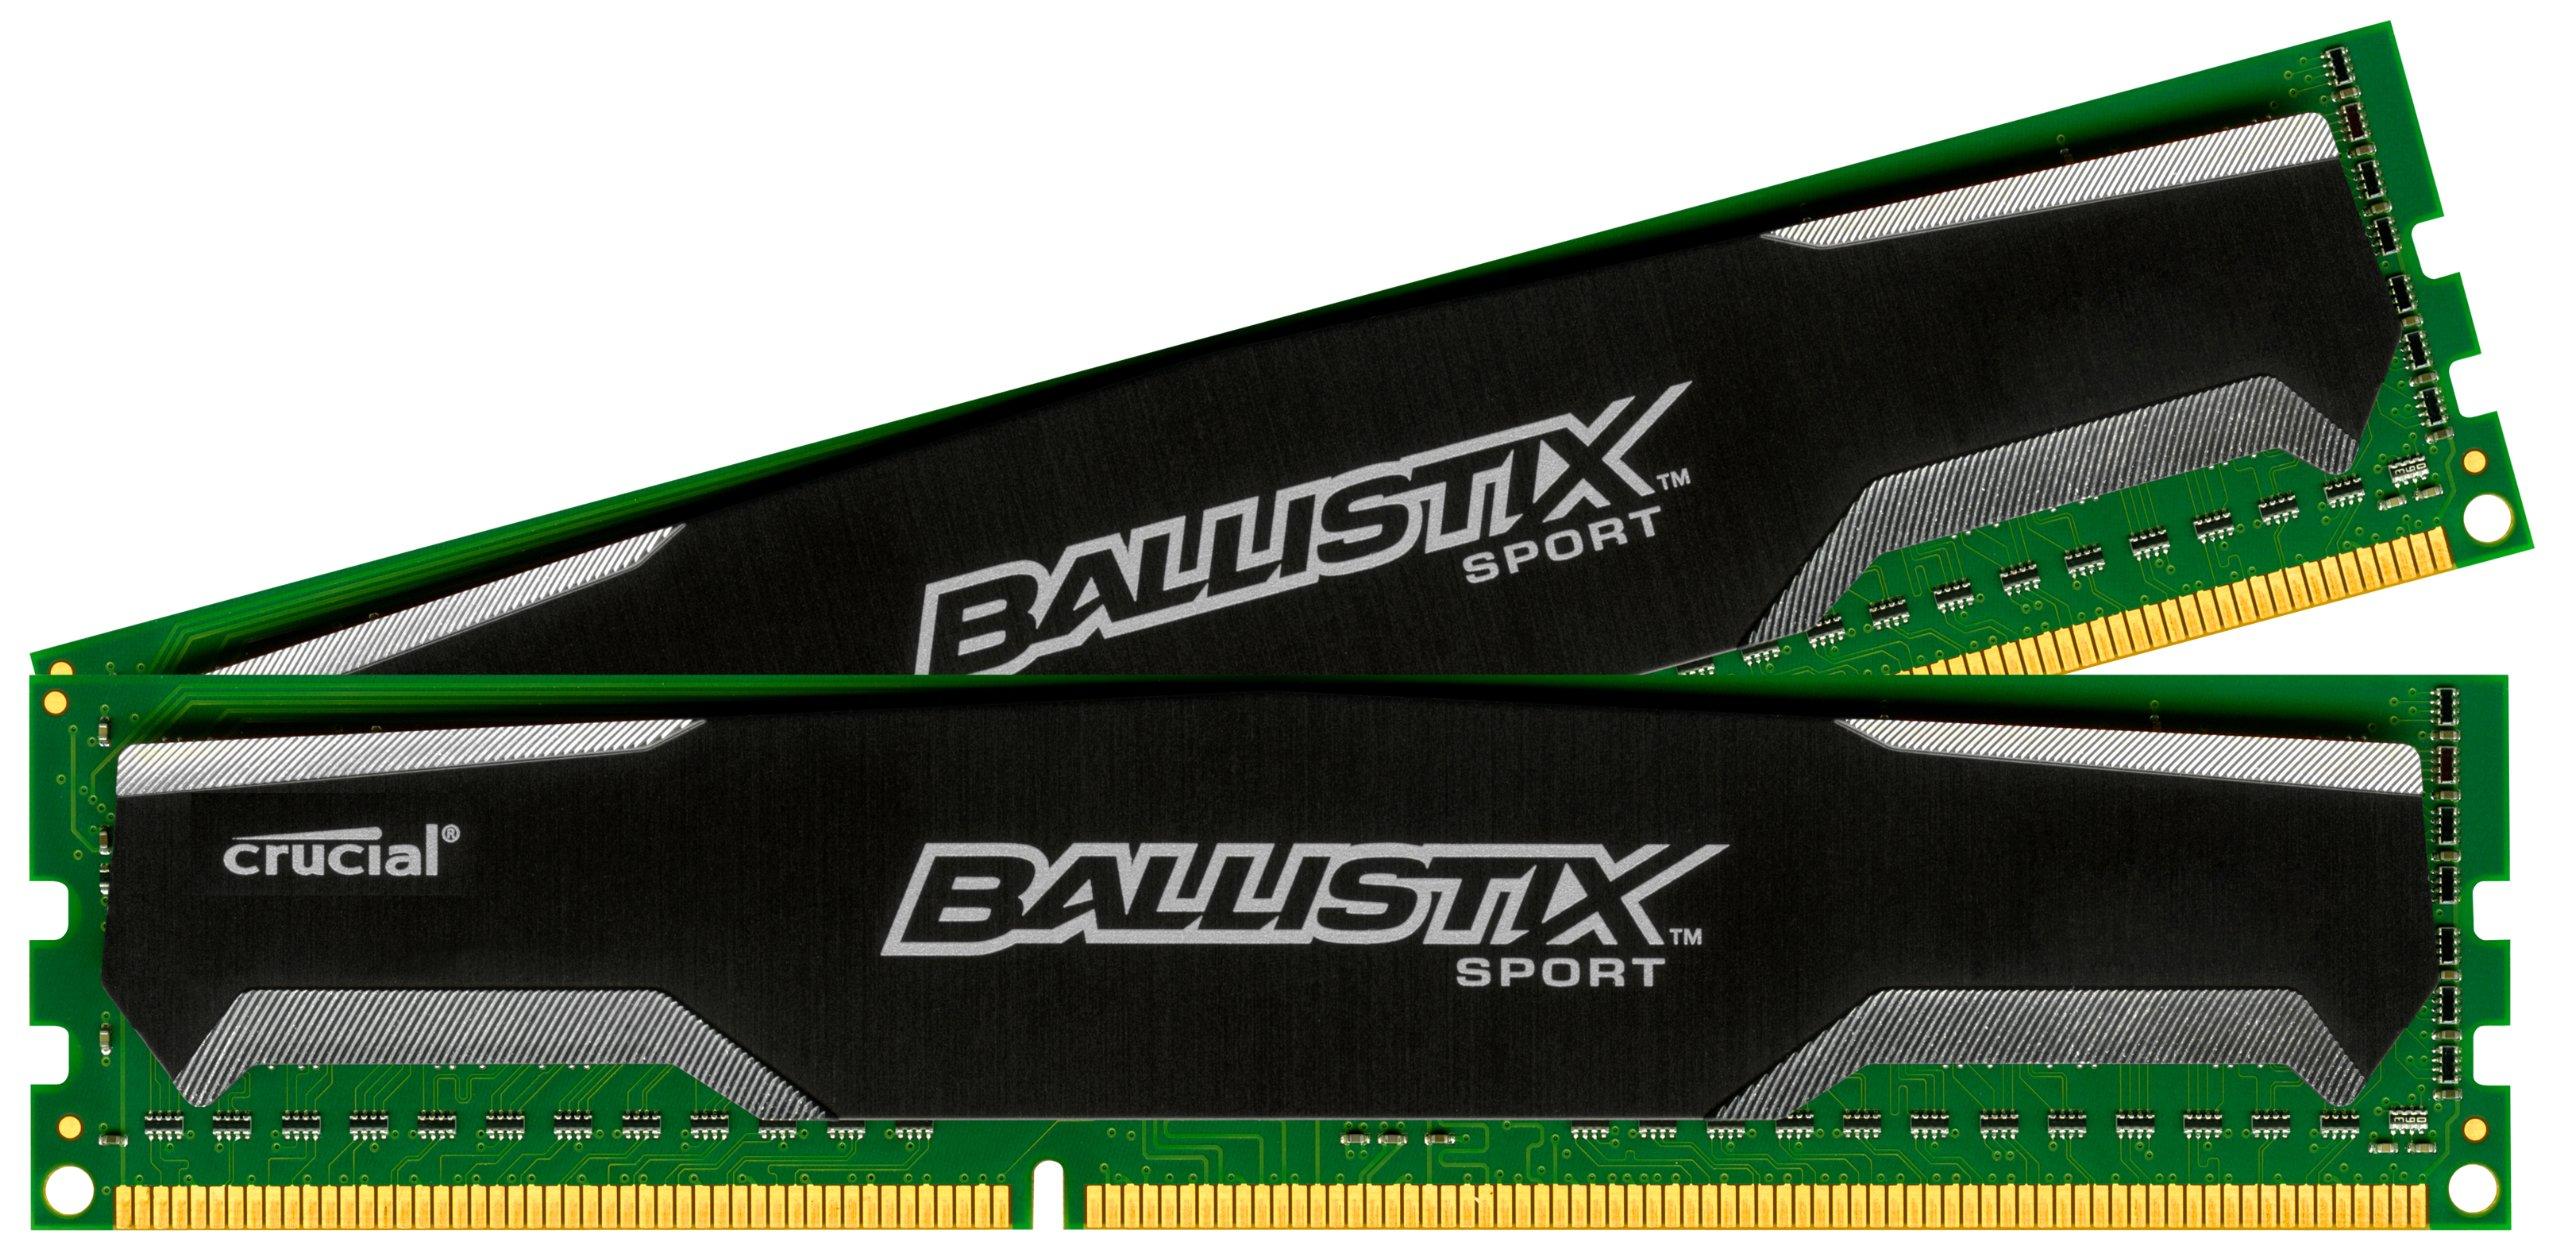 Ballistix Sport 8GB Kit (4GBx2) DDR3 1600 MT/s (PC3-12800) UDIMM 240-Pin Memory - BLS2KIT4G3D1609DS1S00 by Ballistix